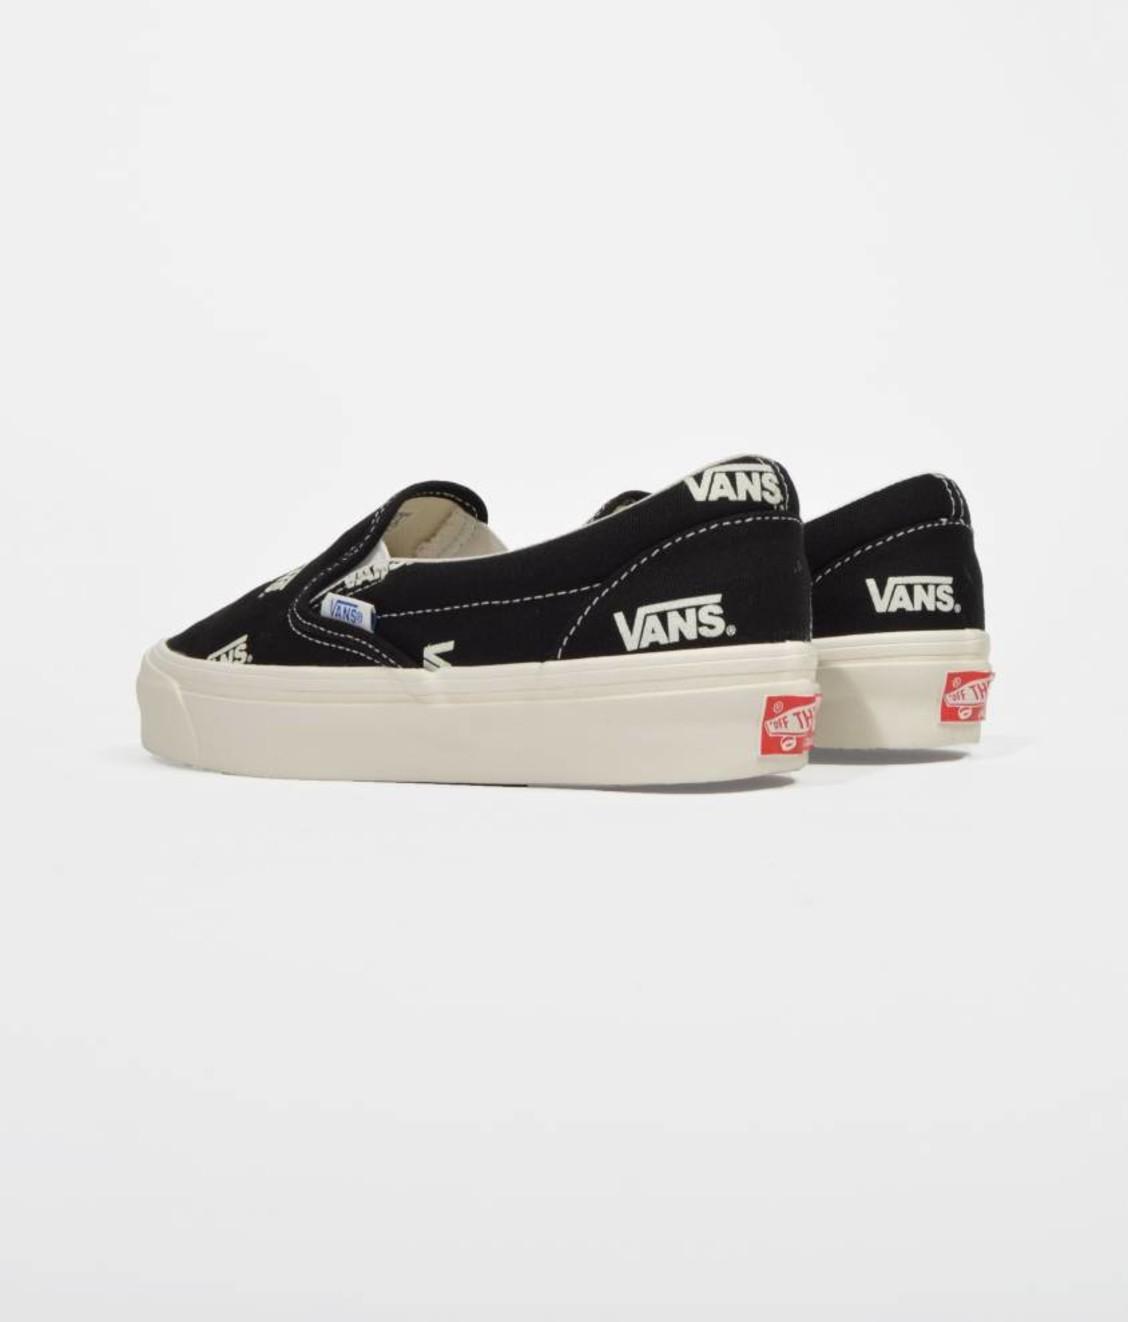 Vans Vans OG Classic Slip-On All Over Black